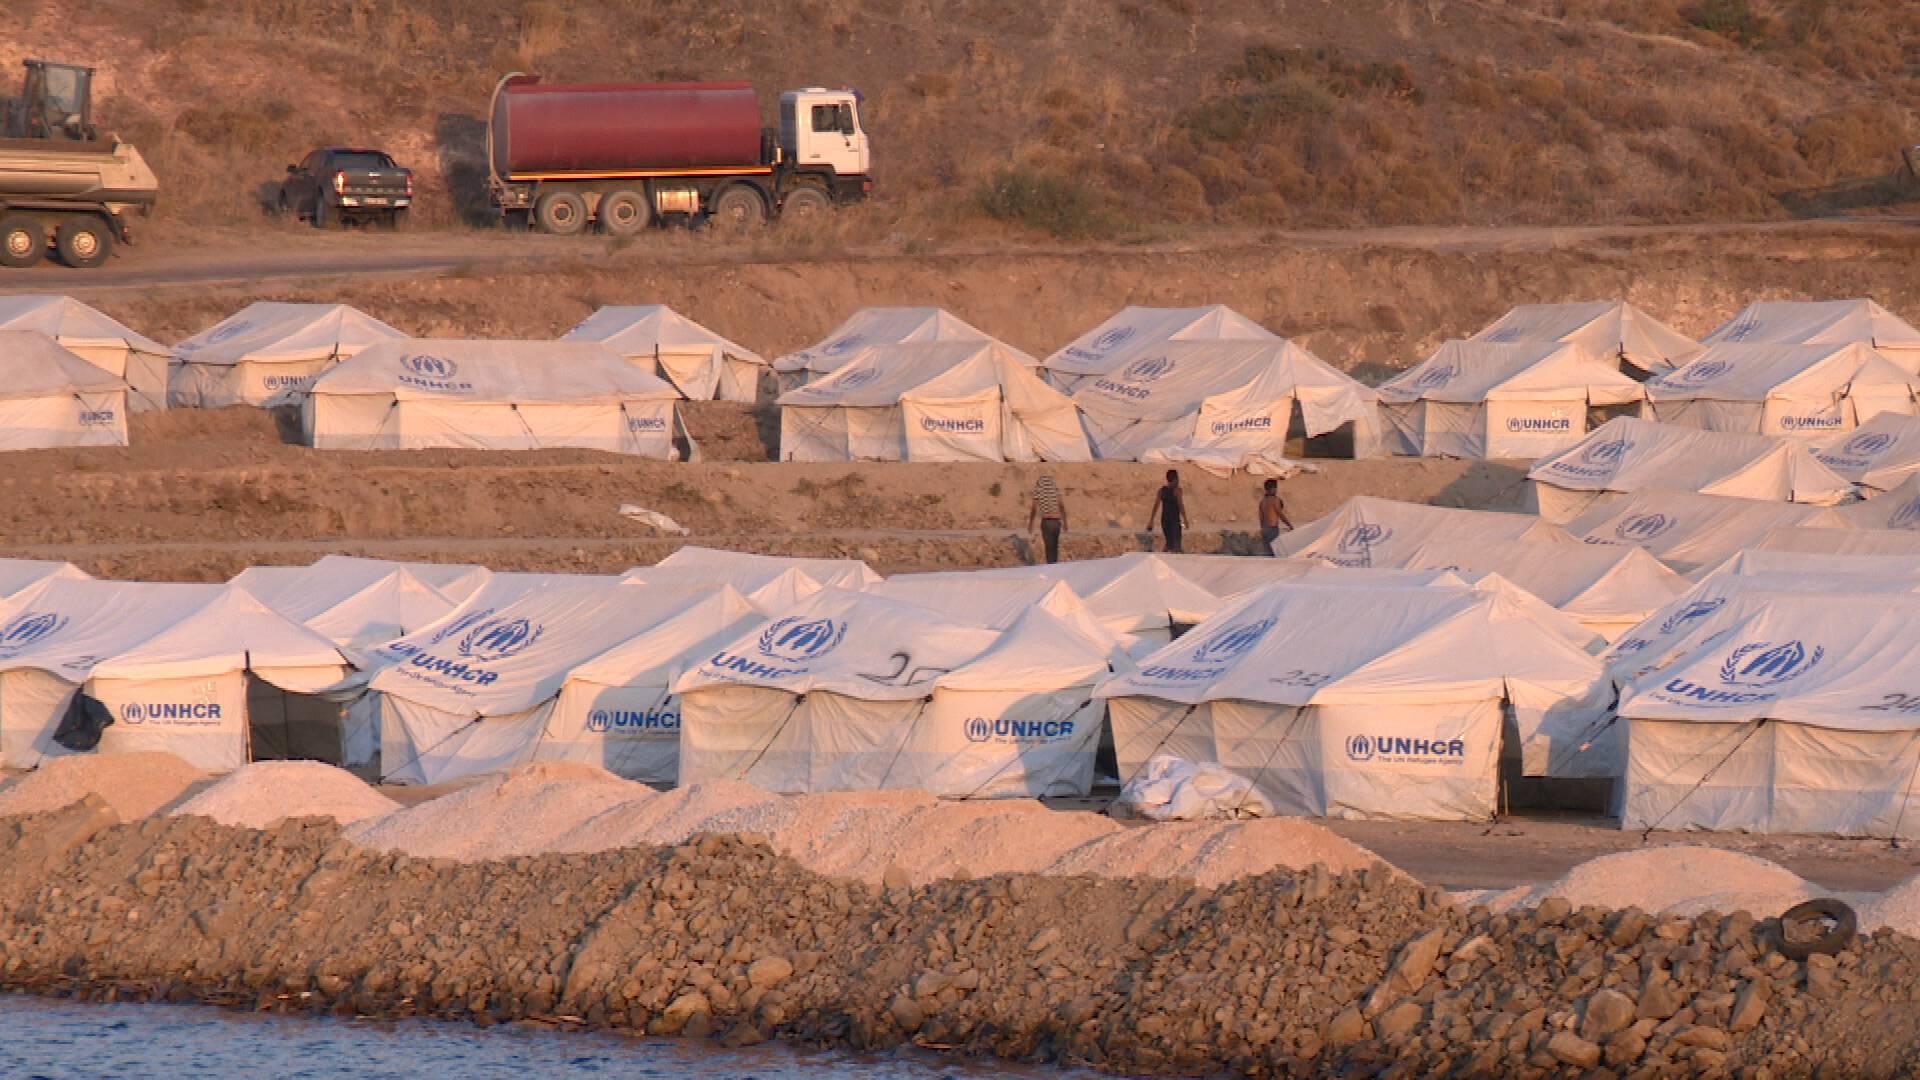 الشرطة ترافق مئات المهاجرين إلى مخيم Lesbos الجديد